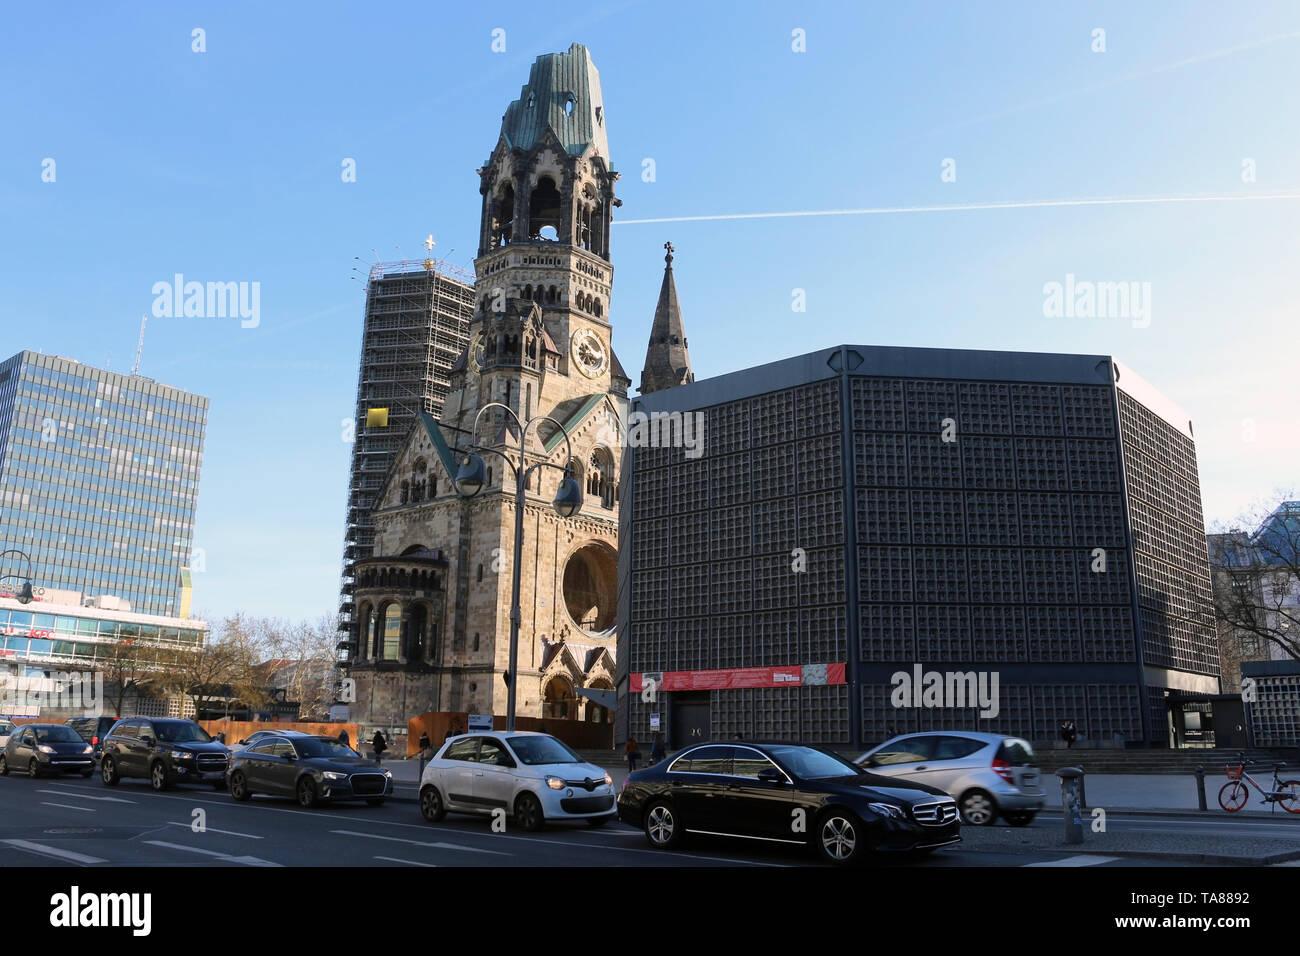 Kaiser-Wilhelm-Gedächt-Berlin ist heute ein sehr cool und inspirierende Stadt. Seine Mischung aus Geschichte, Kunst, Ausdruck, Kreativität und Modernität. Stockbild